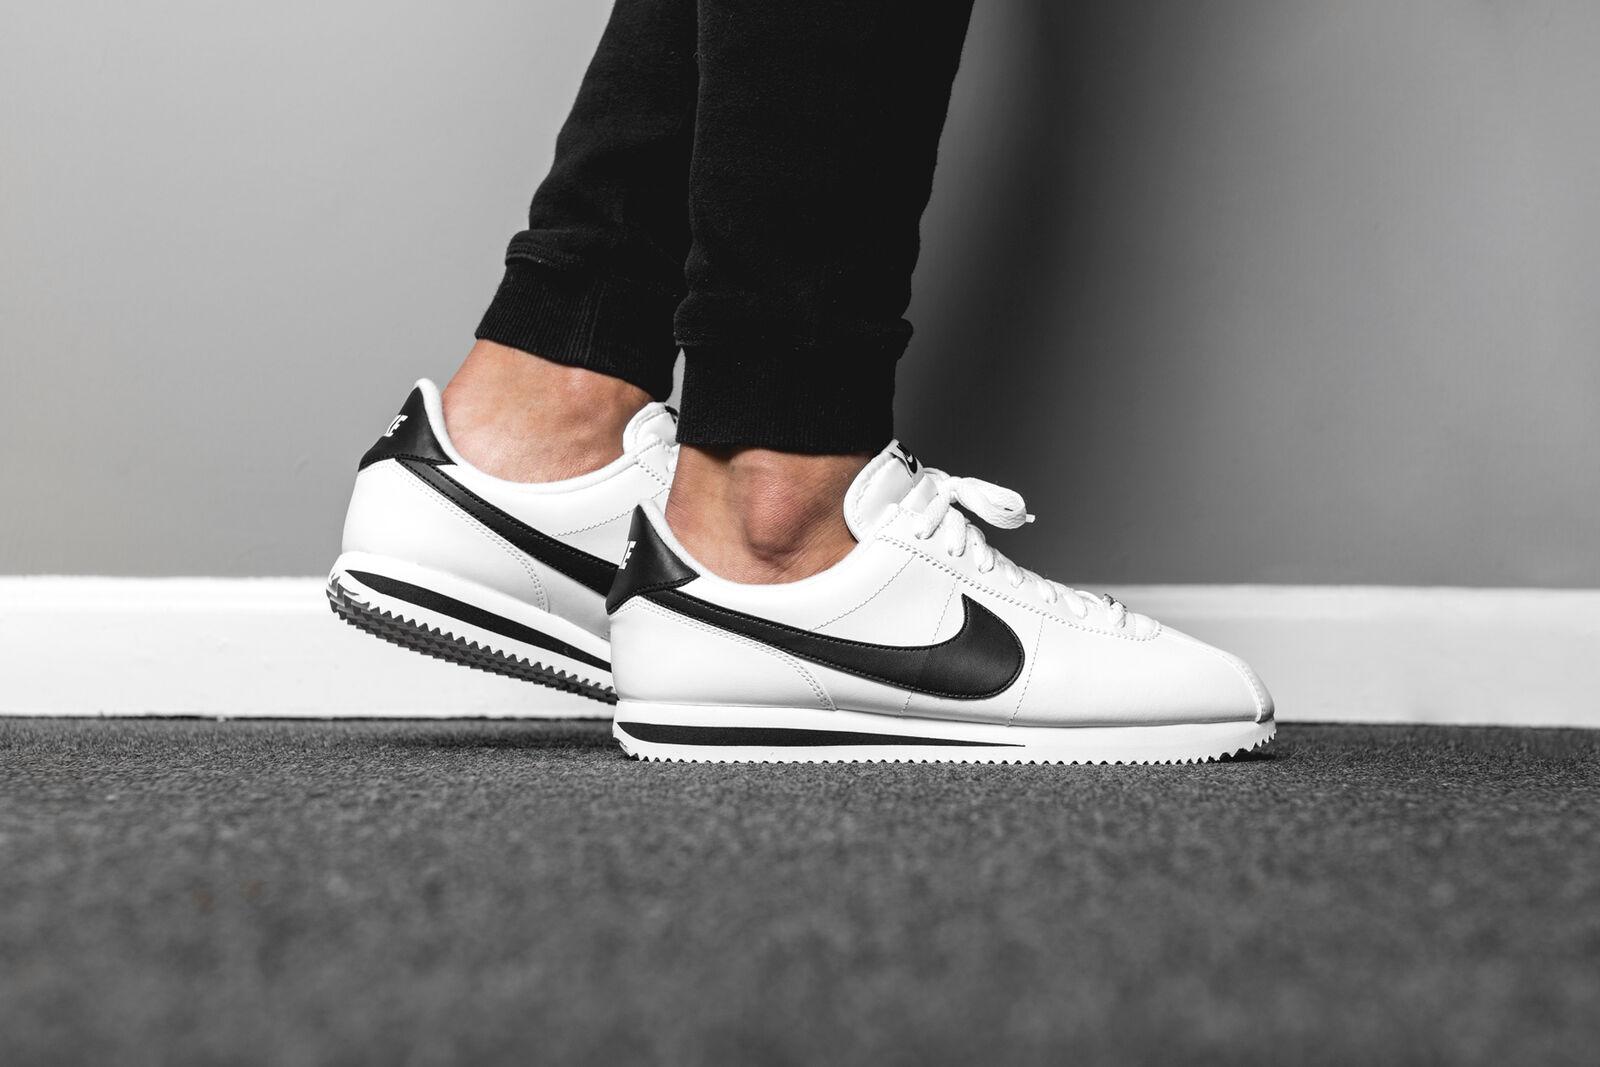 Nike cortez grundlegende leder klassischen weiß - schwarz 819719-100 sz 8 forrest gump.